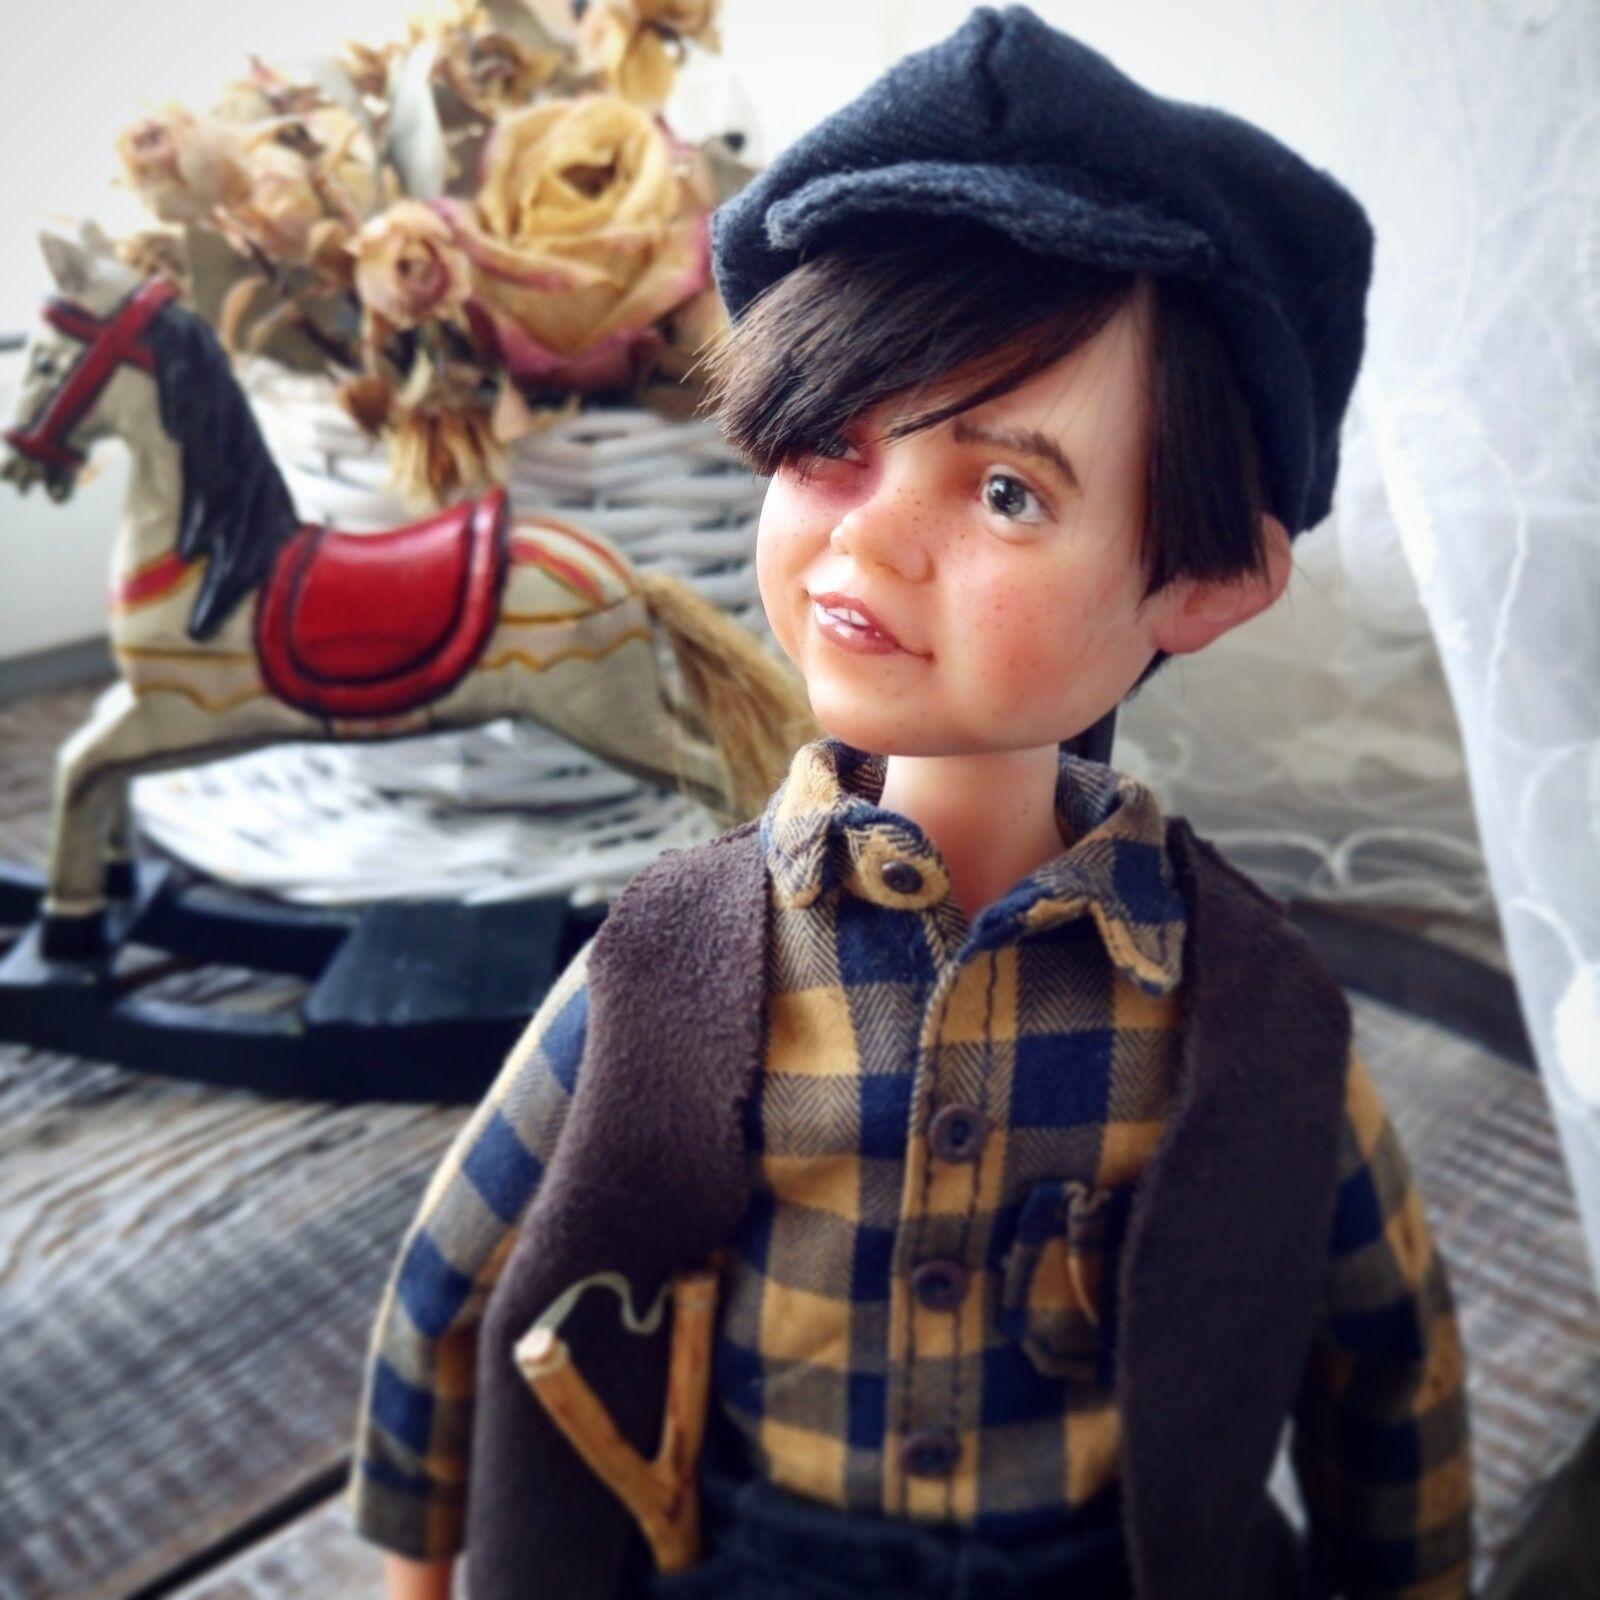 Uno de una clase, Souvenir de colección arte Muñeca, niño huérfano Jack (Boudoir Colector Muñeca)